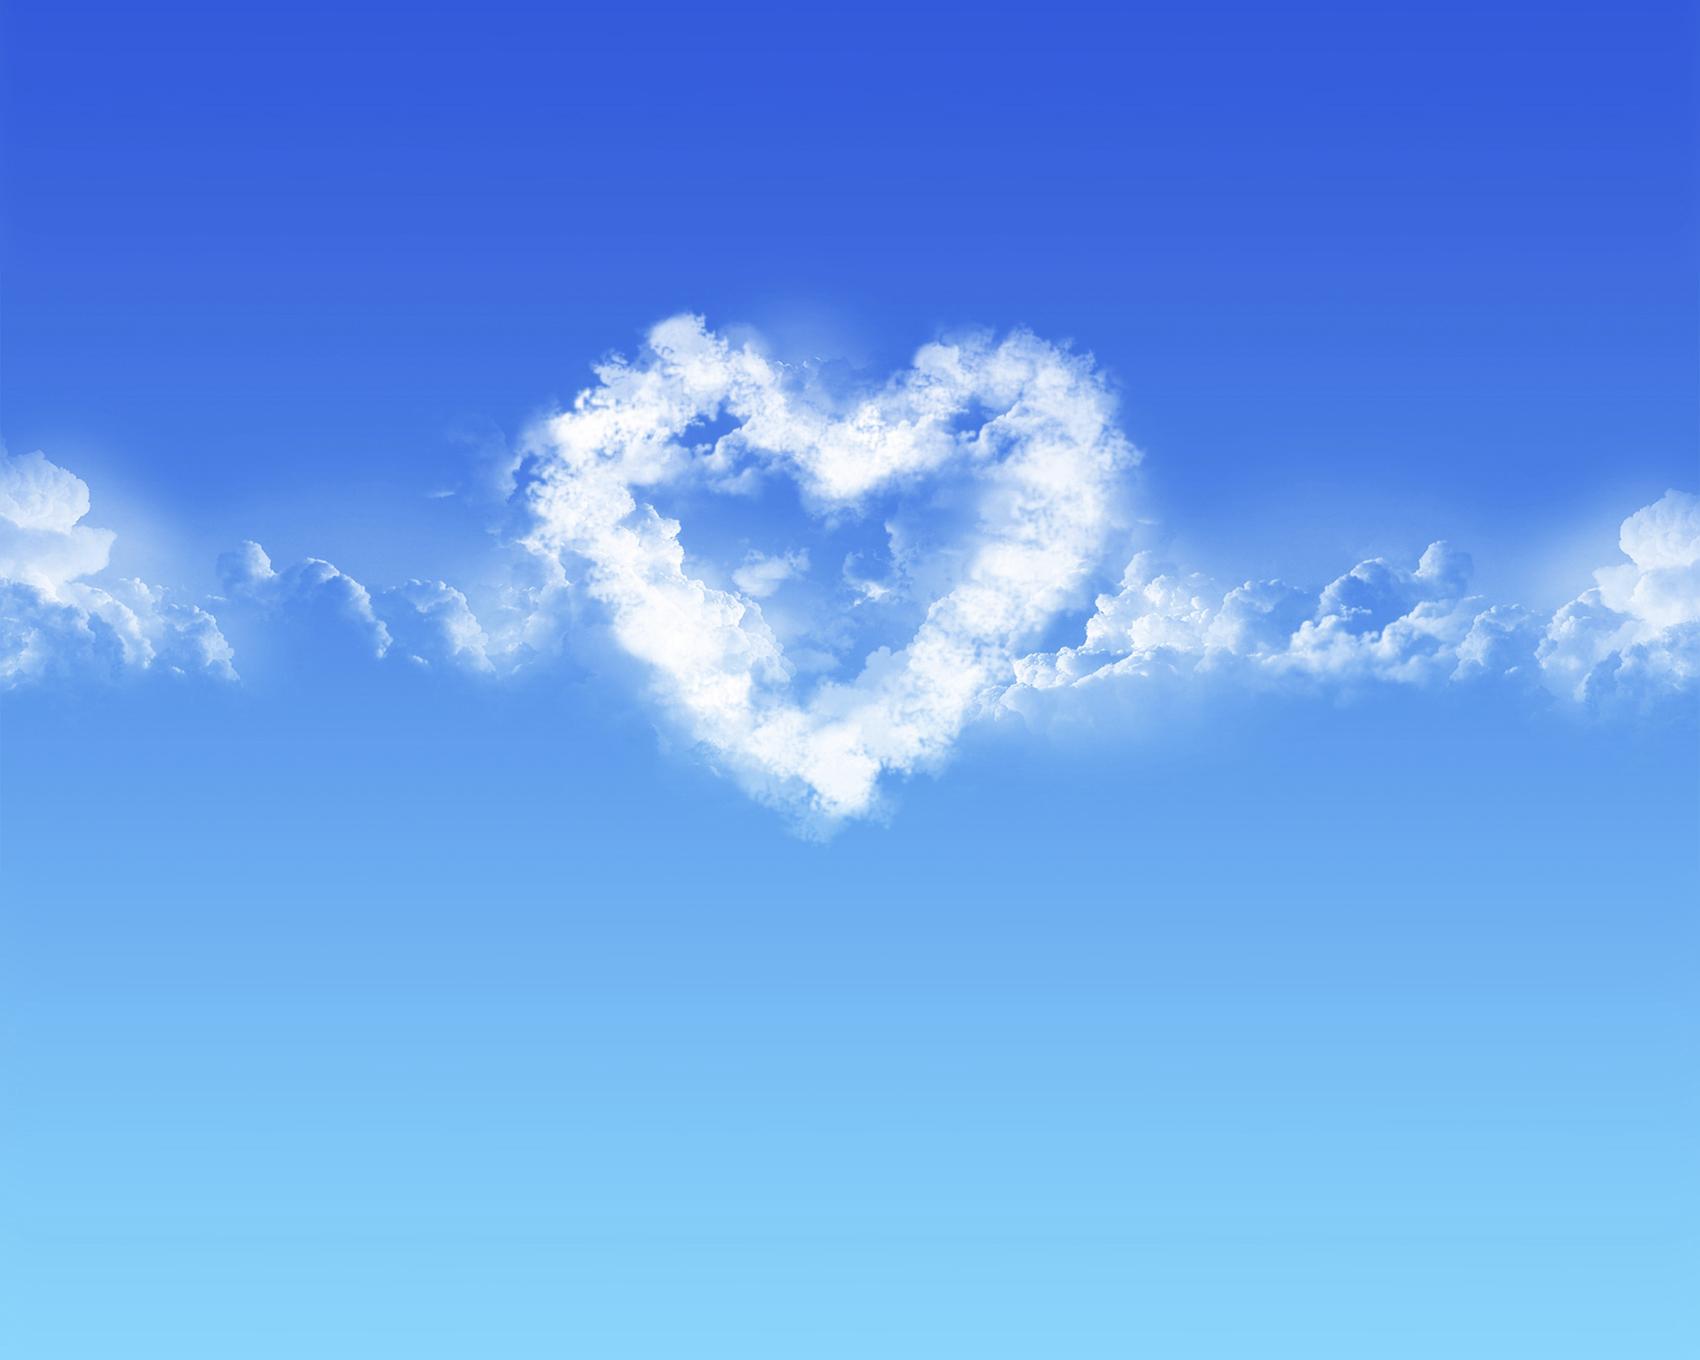 Super Blue Sky